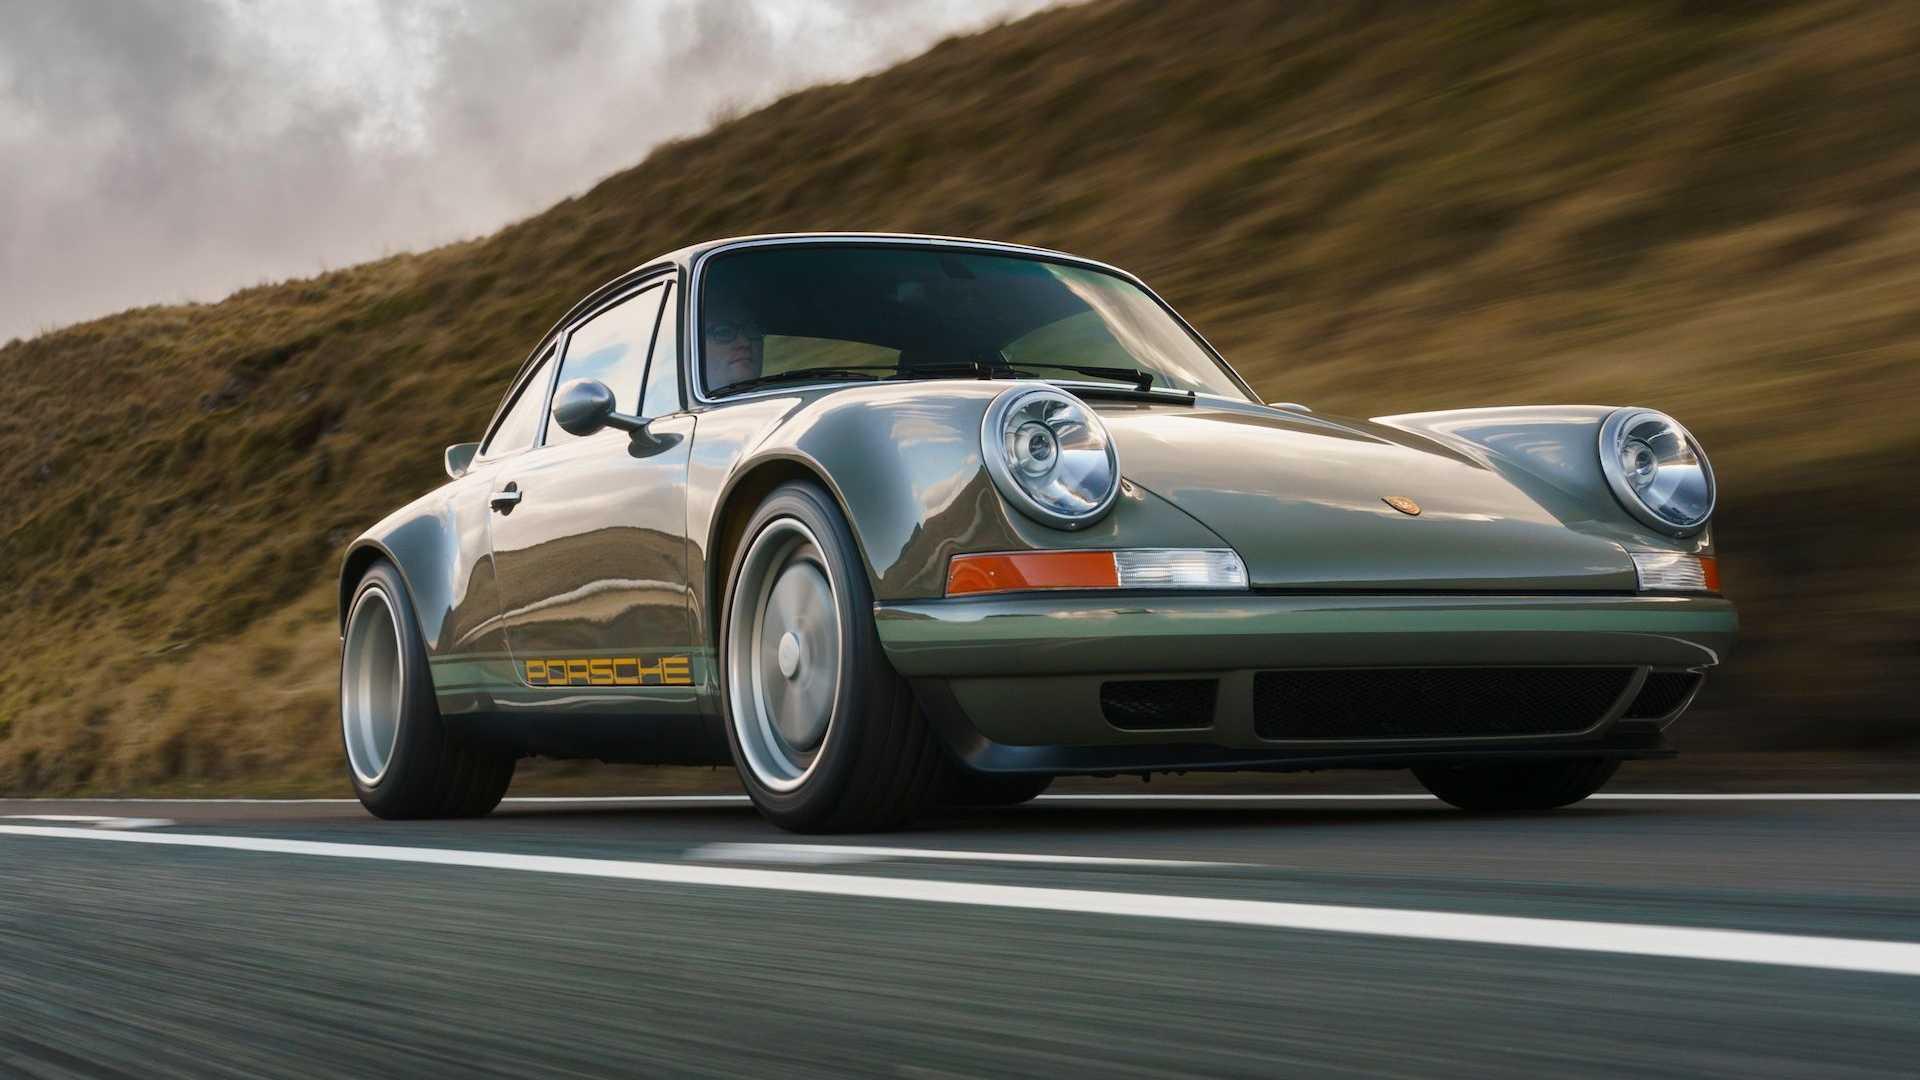 Theon-Design-HK002-Porsche-911-45